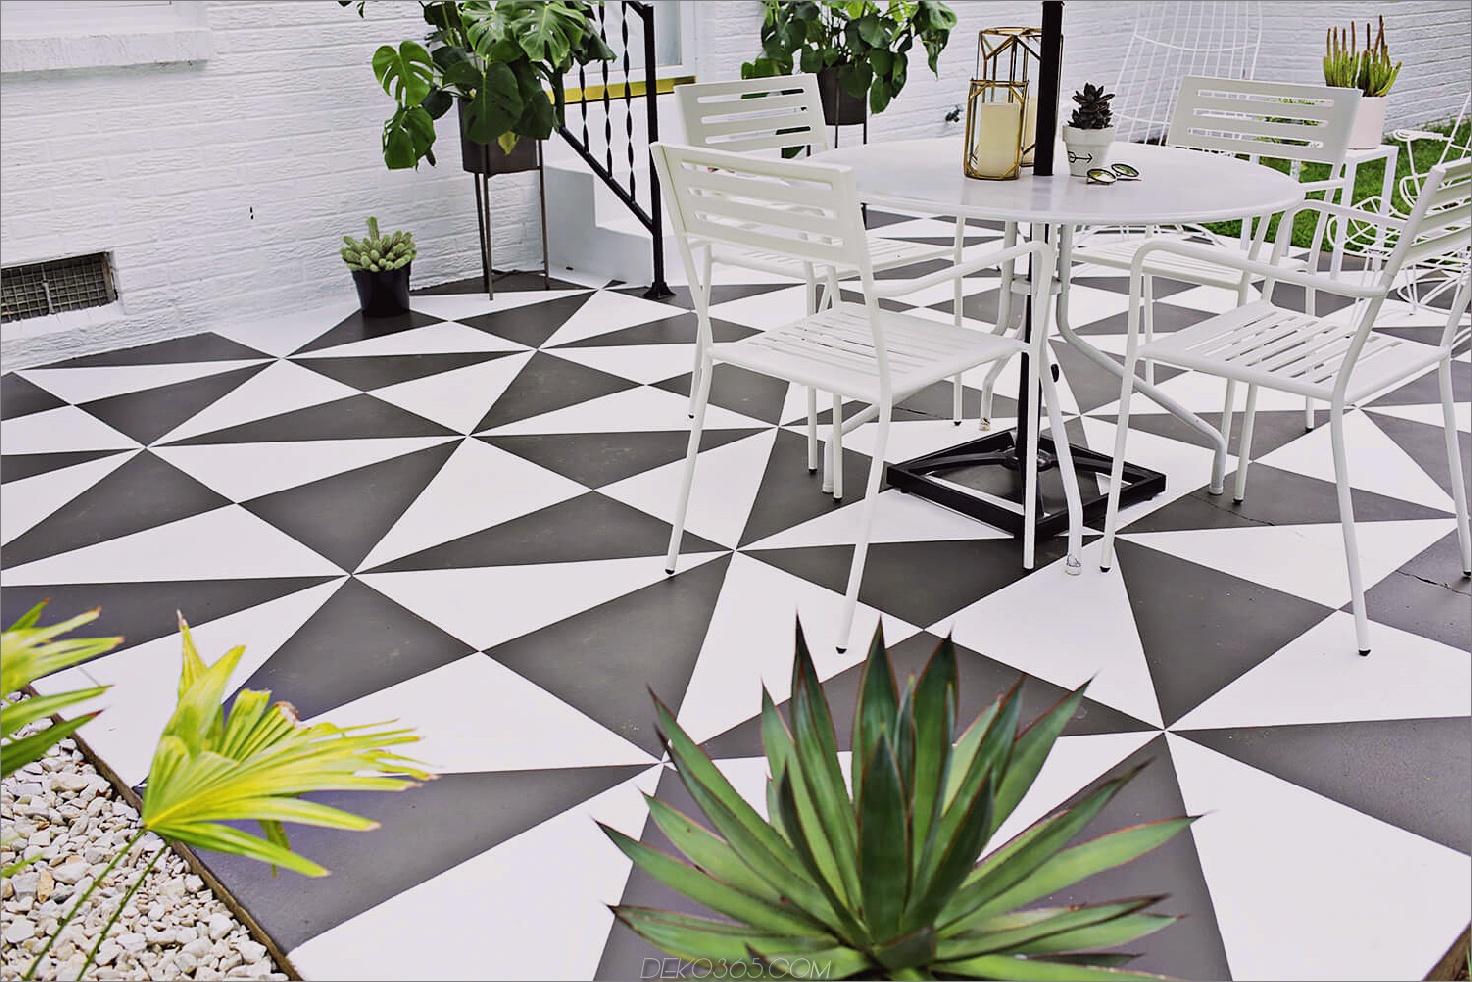 Terrasse mit Musterböden So machen Sie das Beste aus einem kleinen Patio-Raum